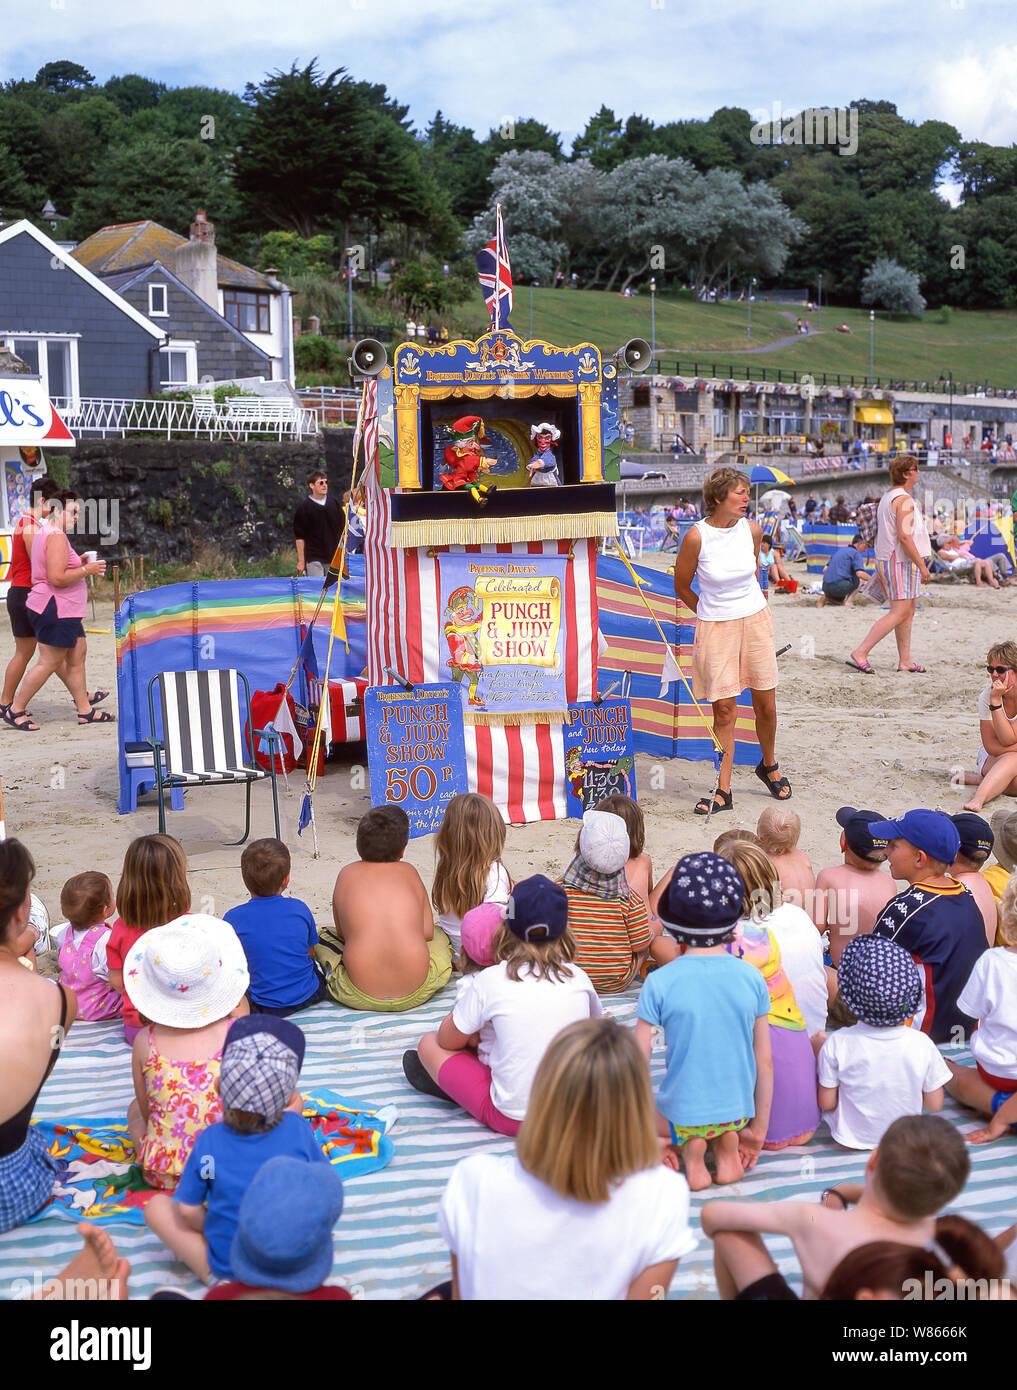 """Los niños viendo la tradicional """"Punch y Judy"""" espectáculo de títeres sobre la playa, Lyme Regis, Dorset, Inglaterra, Reino Unido Foto de stock"""